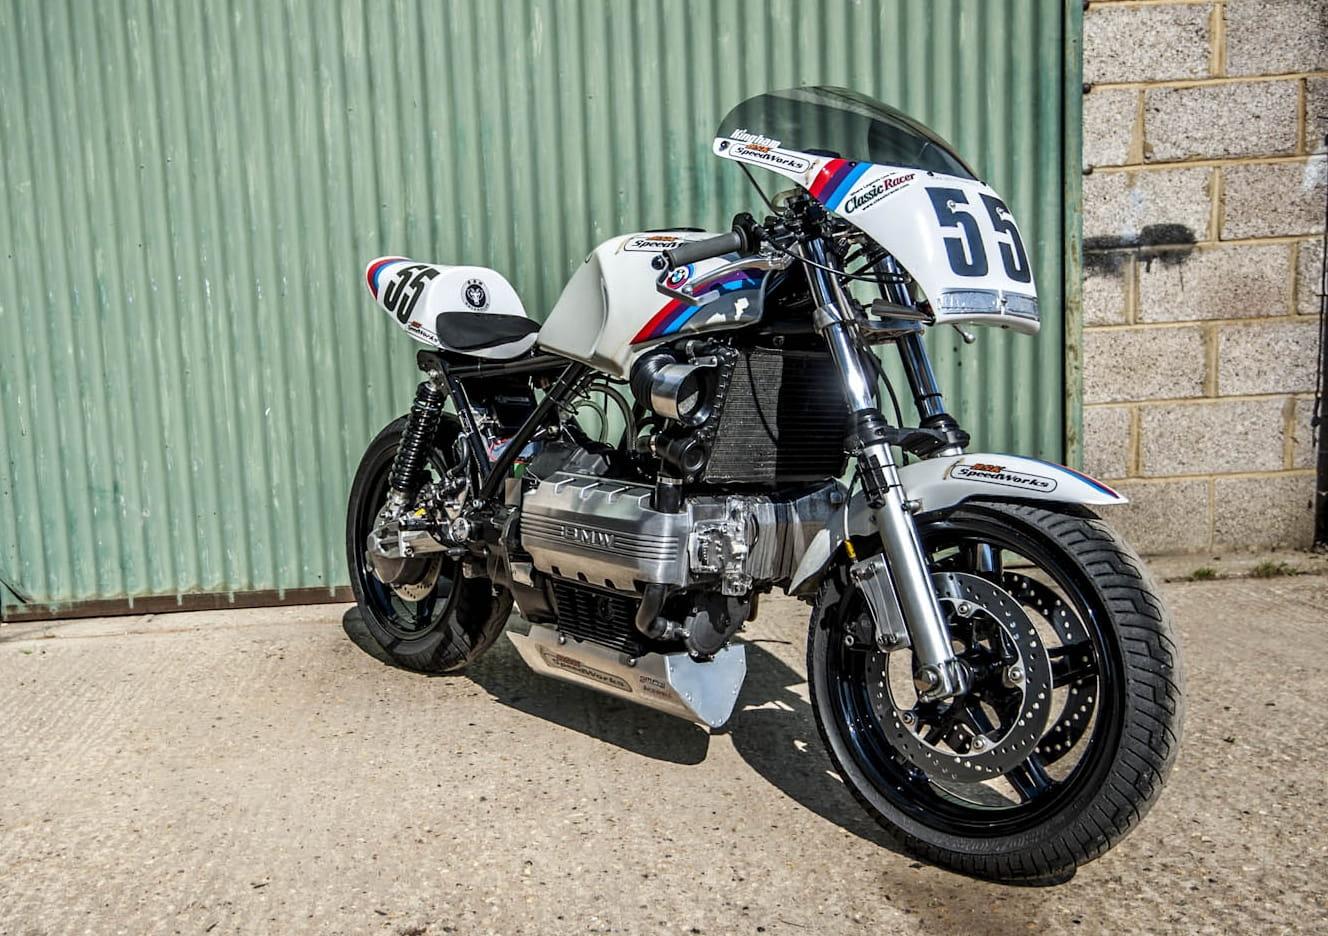 bsk speedworks - custom made parts - motorcycle engineering